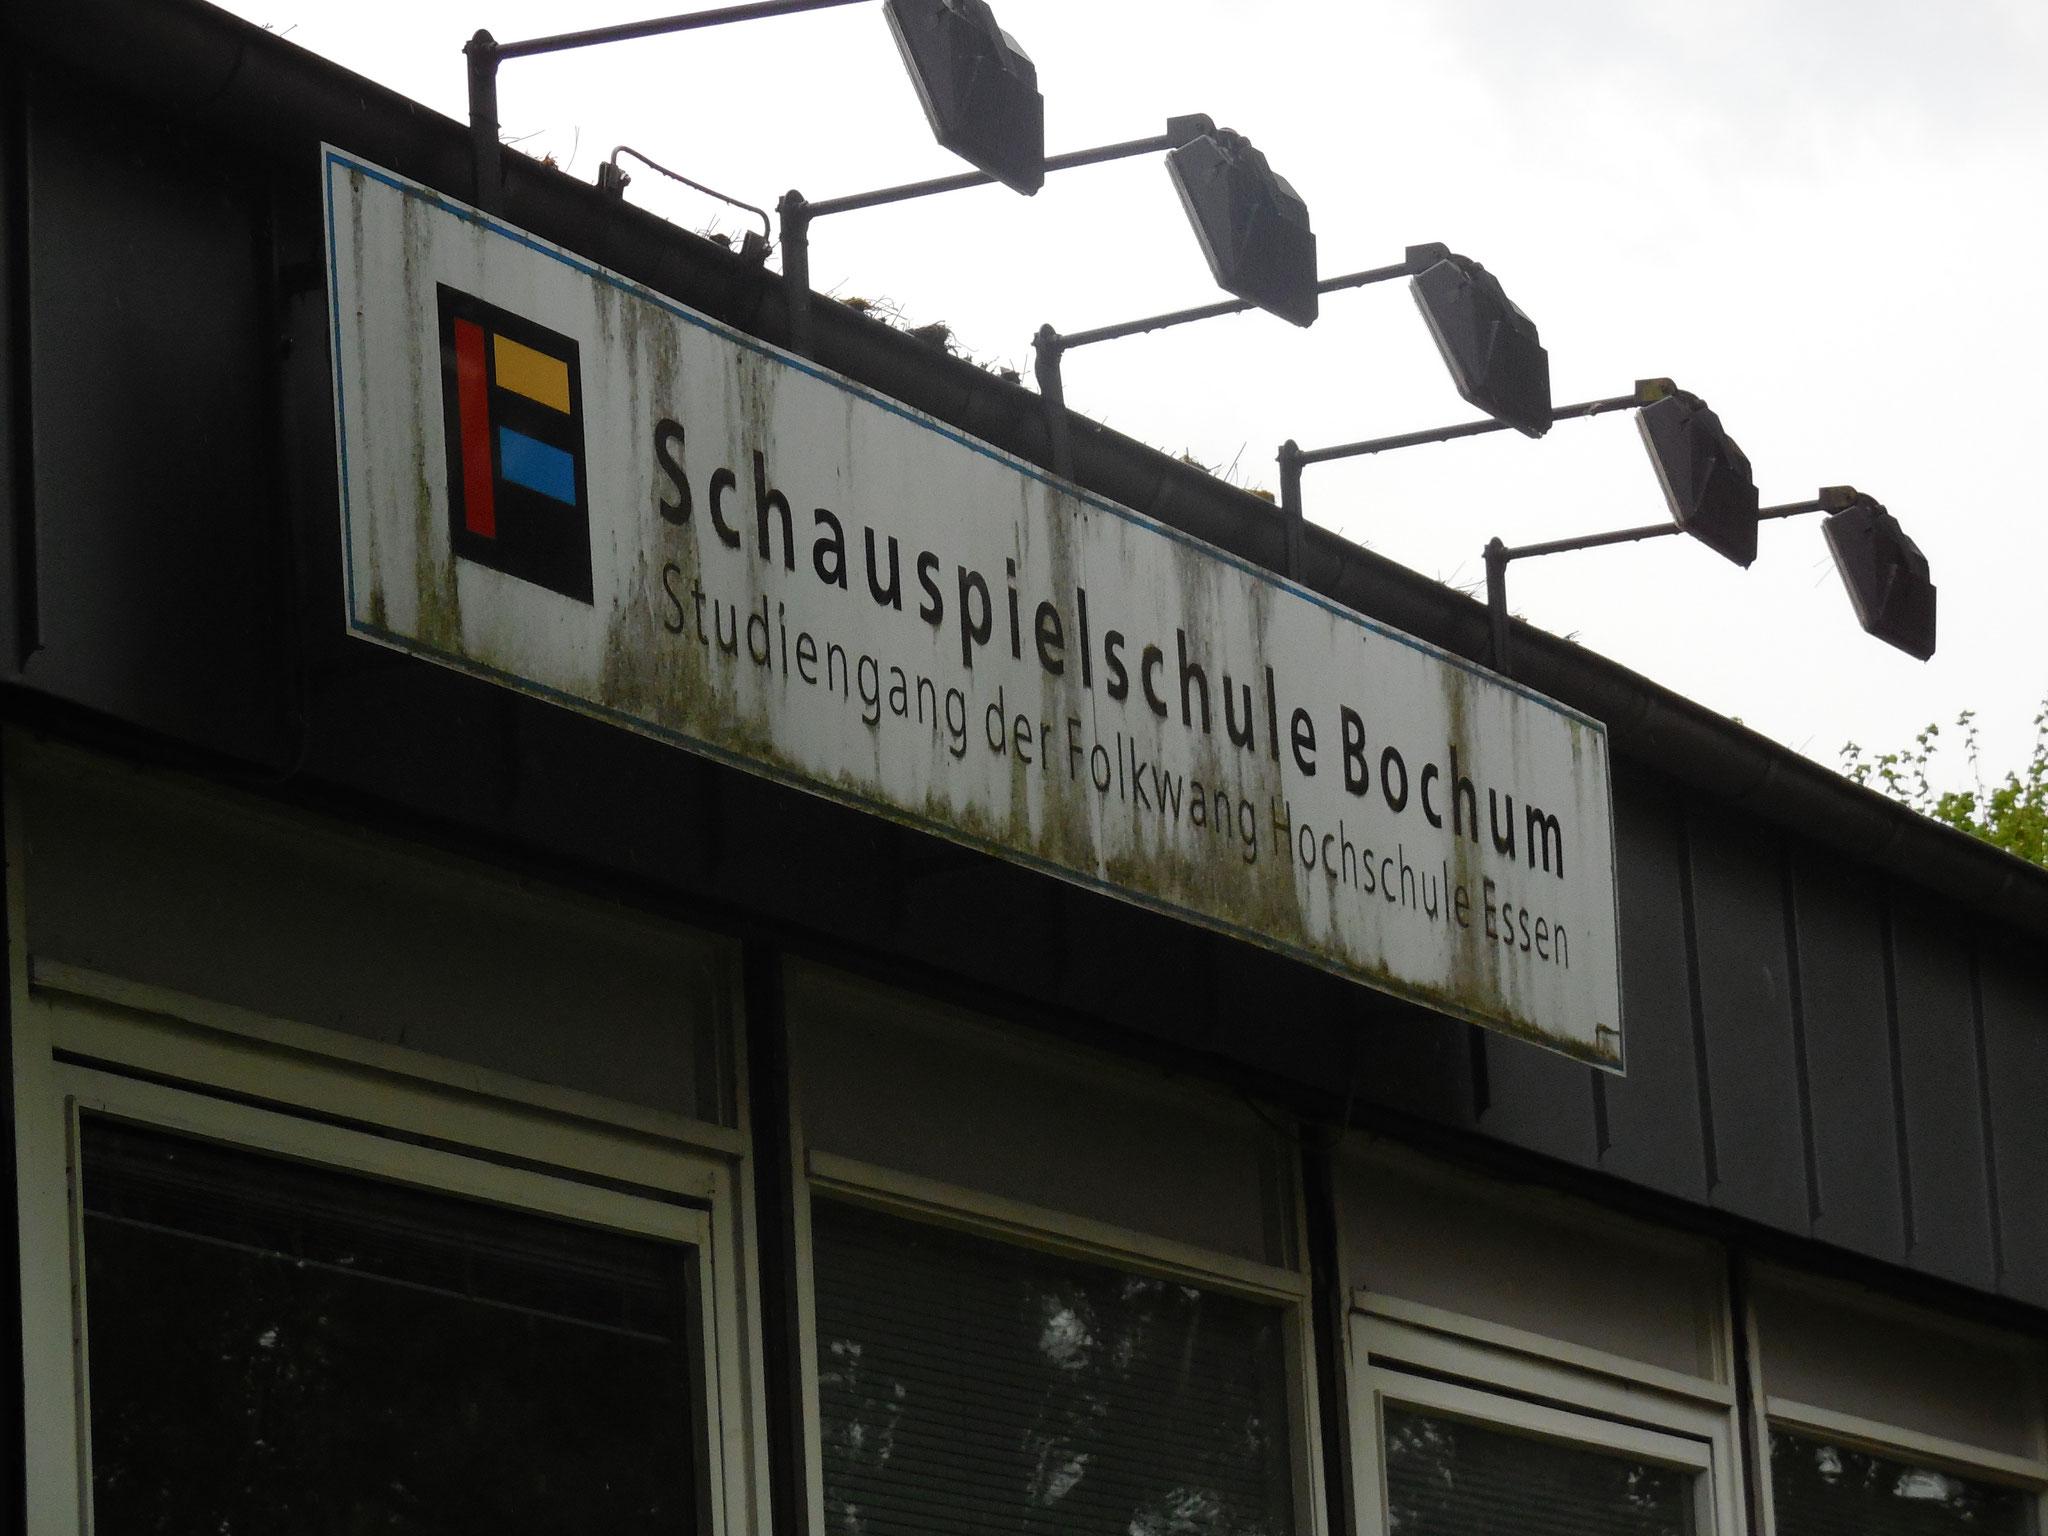 Impressionen ehemaliges Gebäude Schauspielschule Bochum